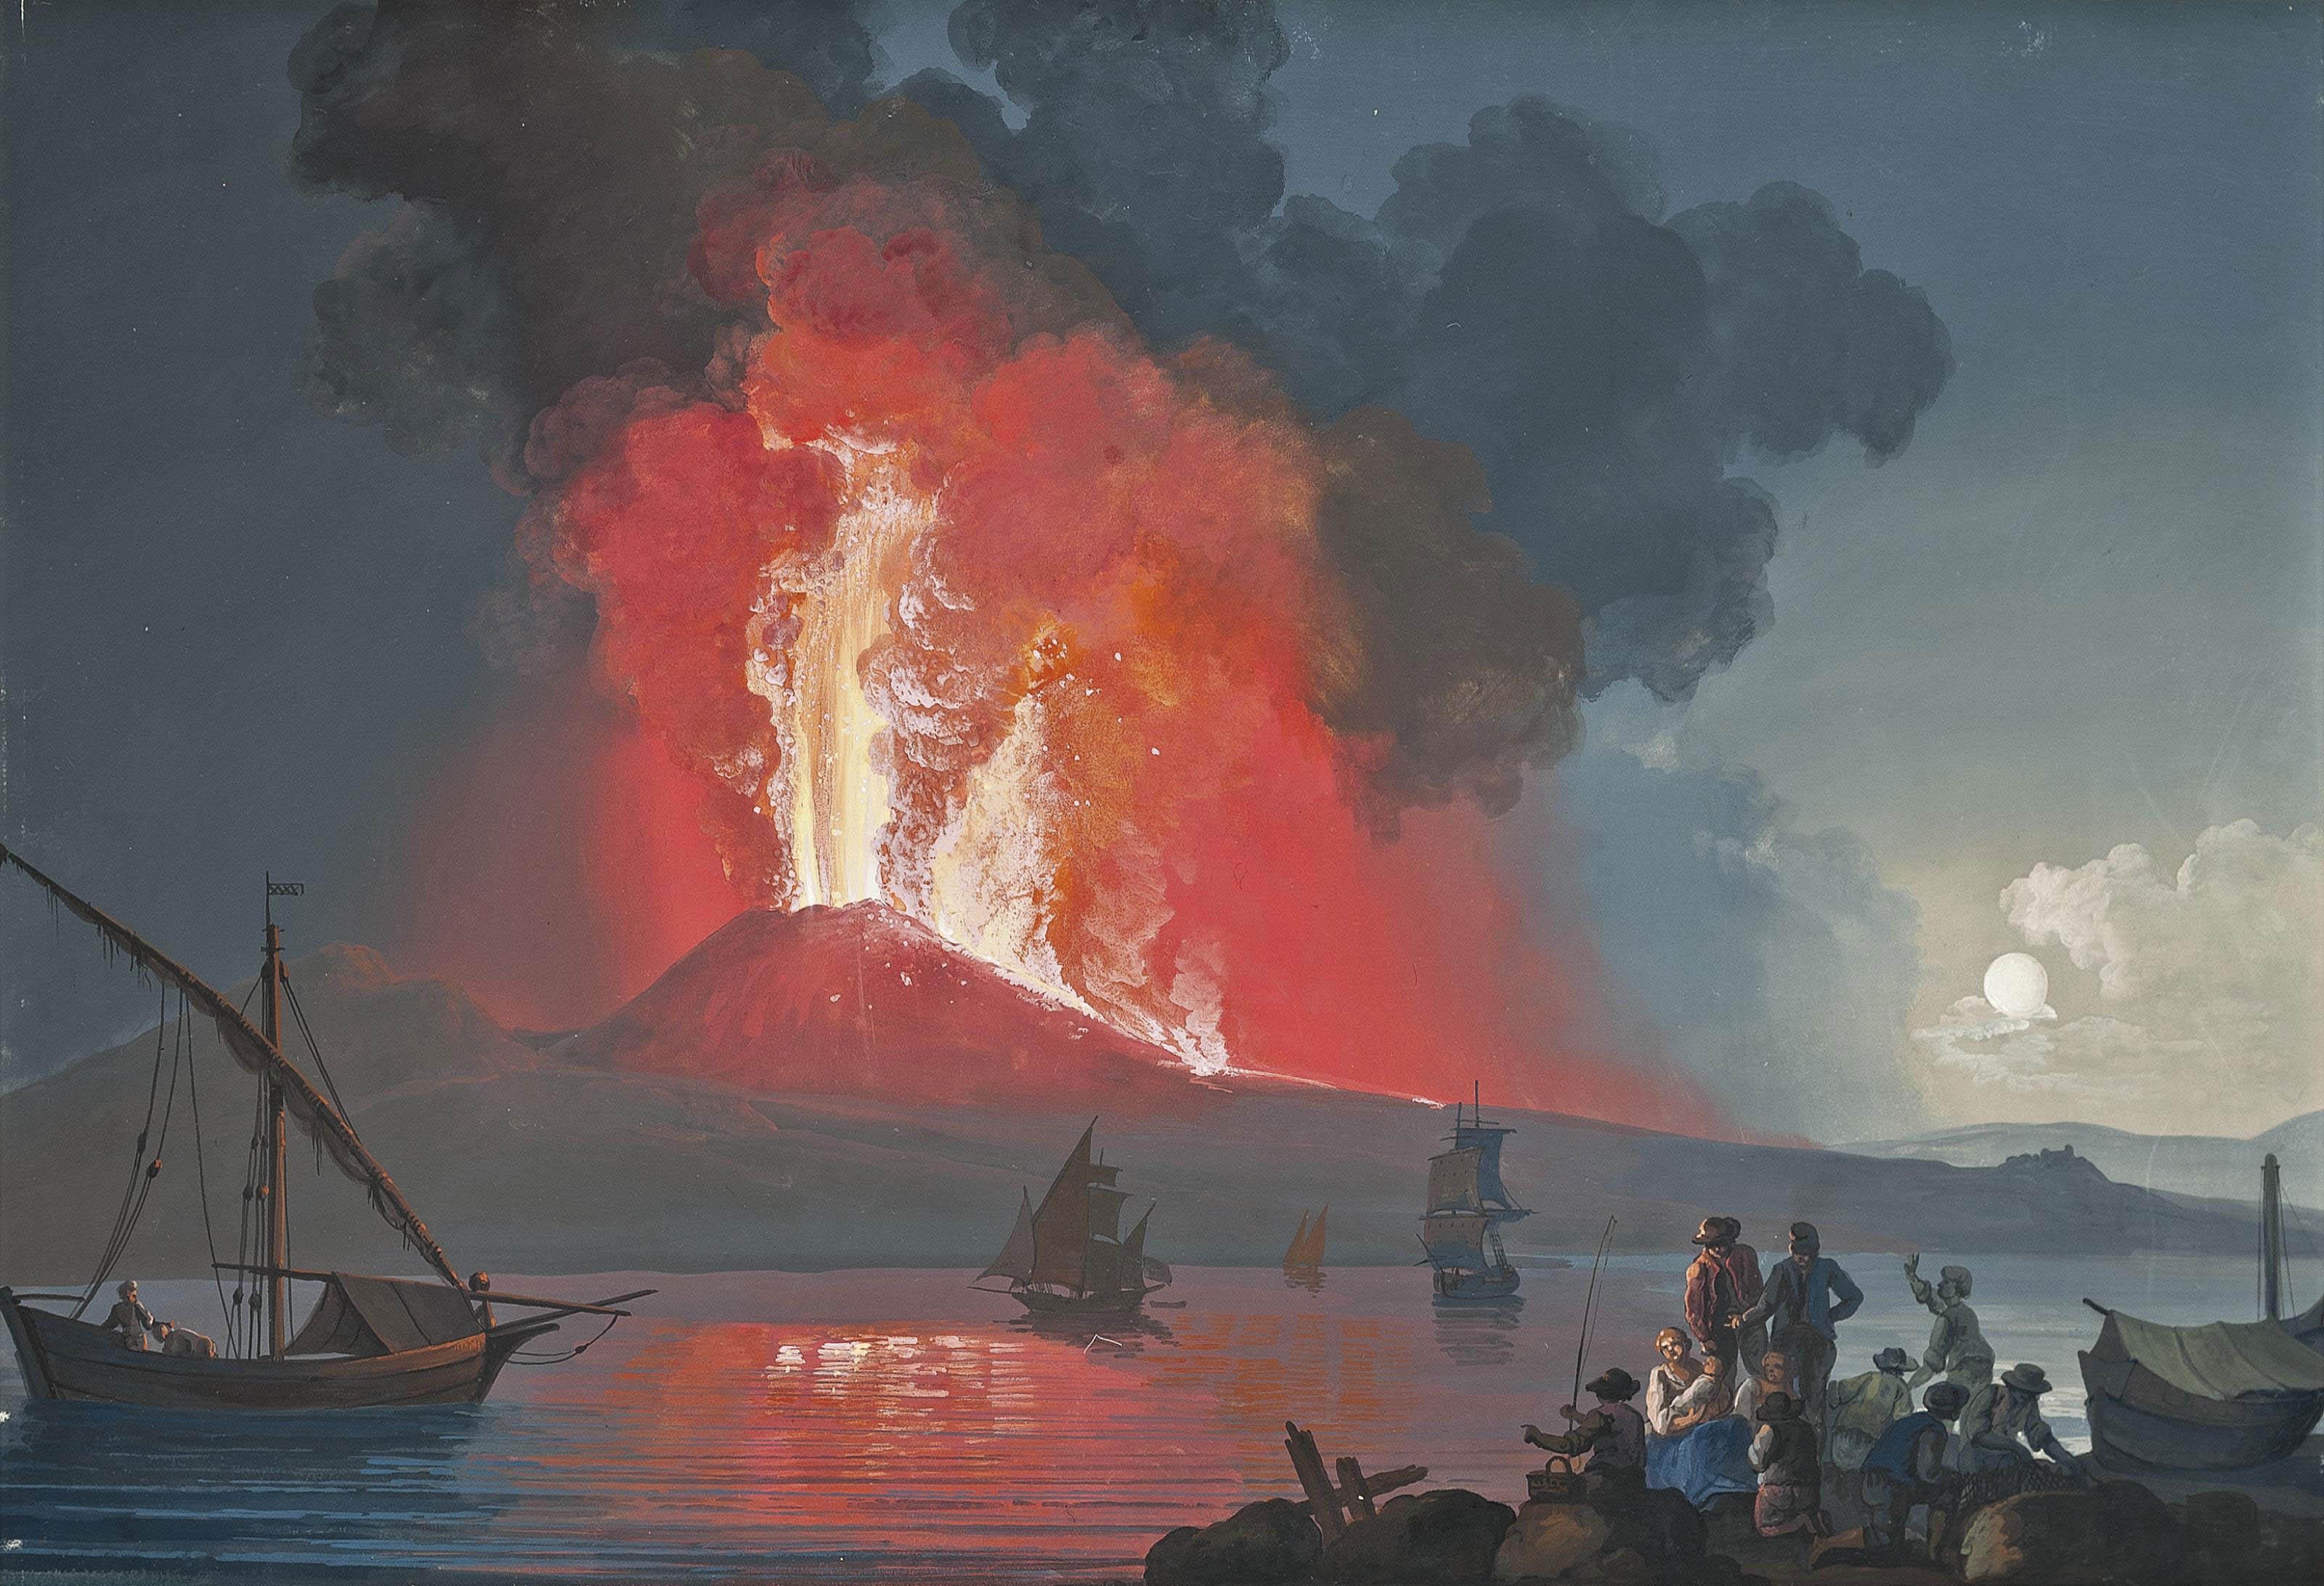 Figures watching Vesuvius erupt by night